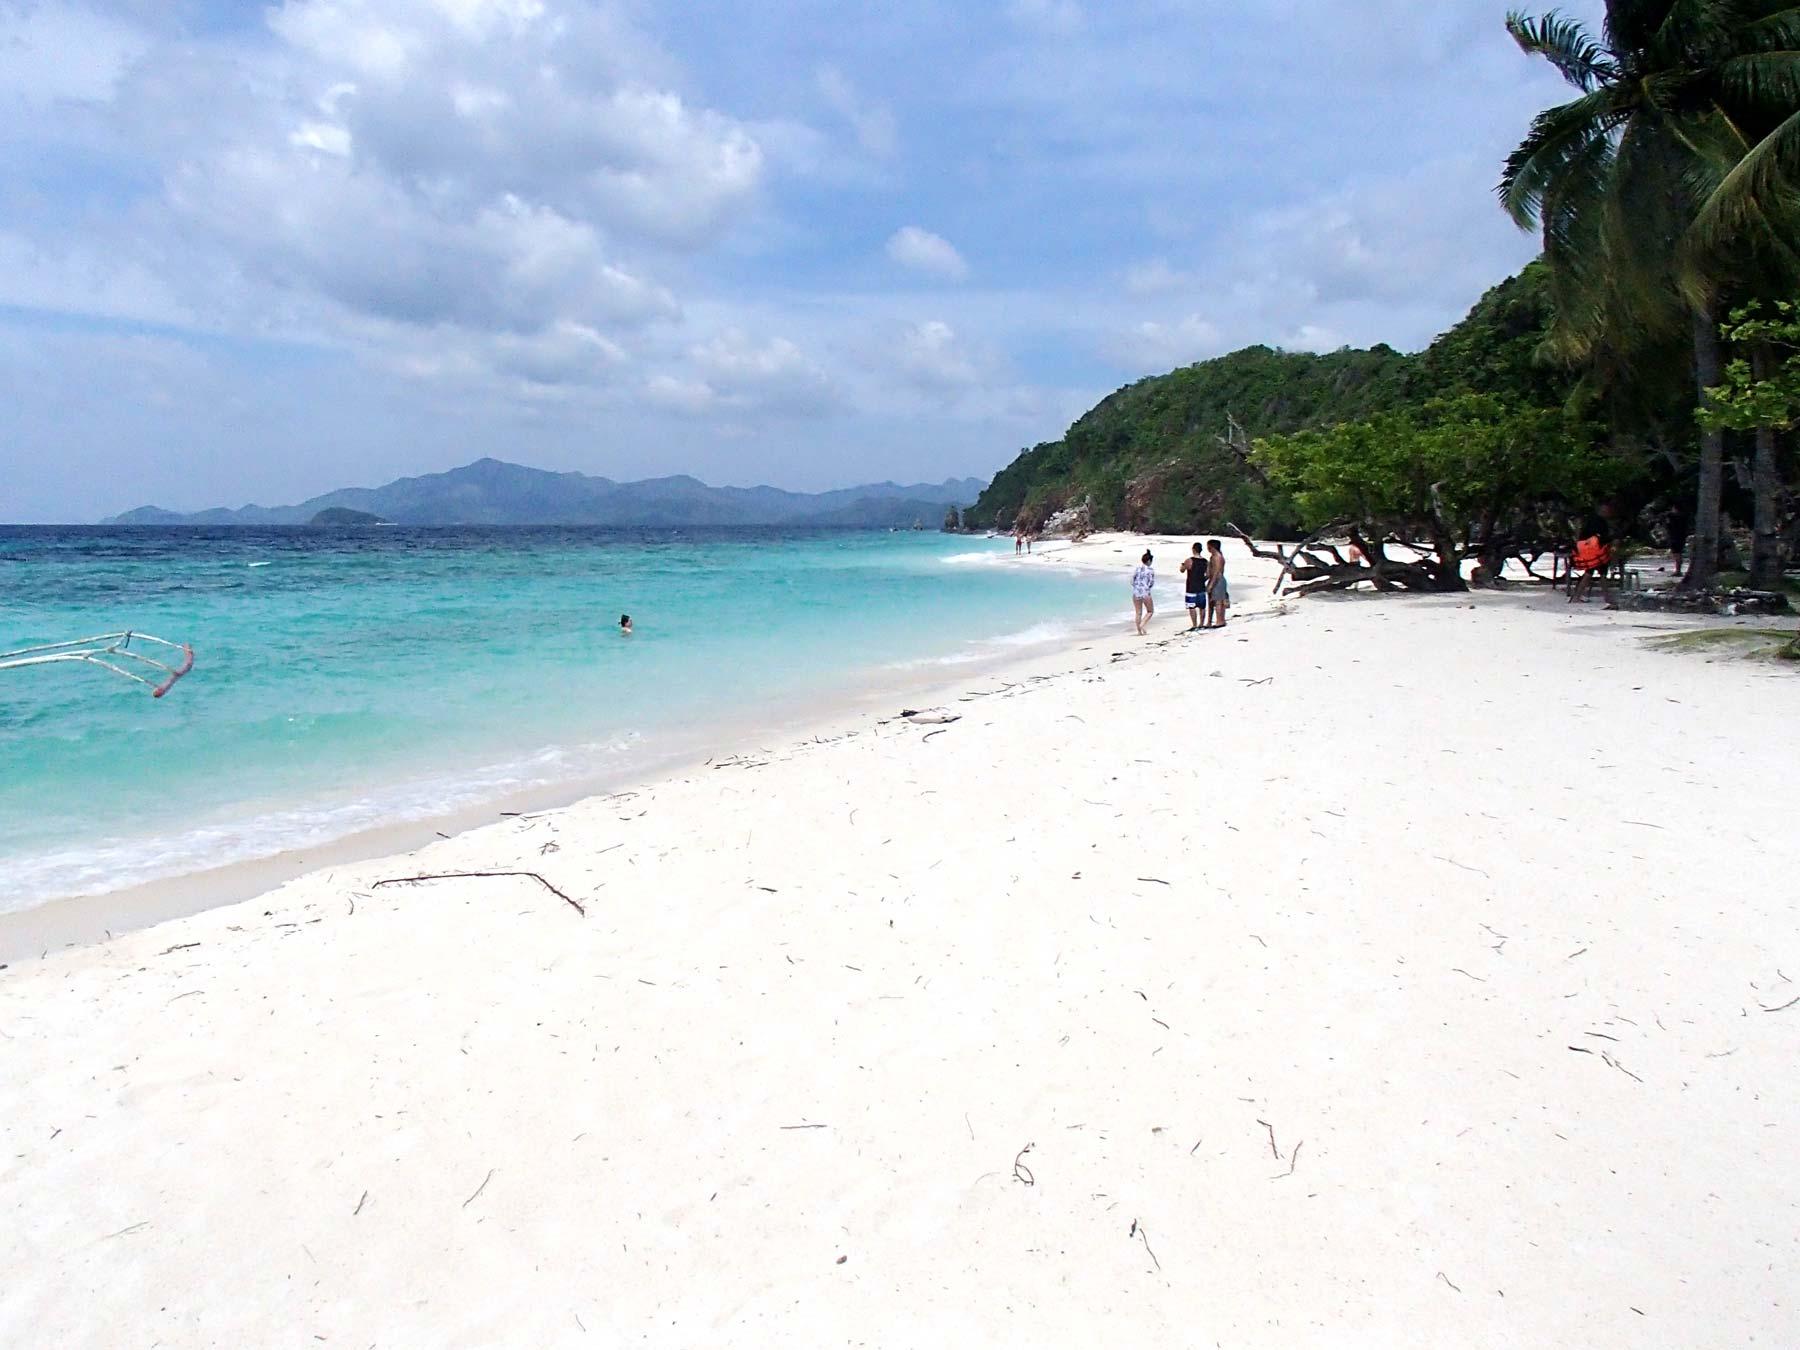 Malcapuya Island Coron Island Tour